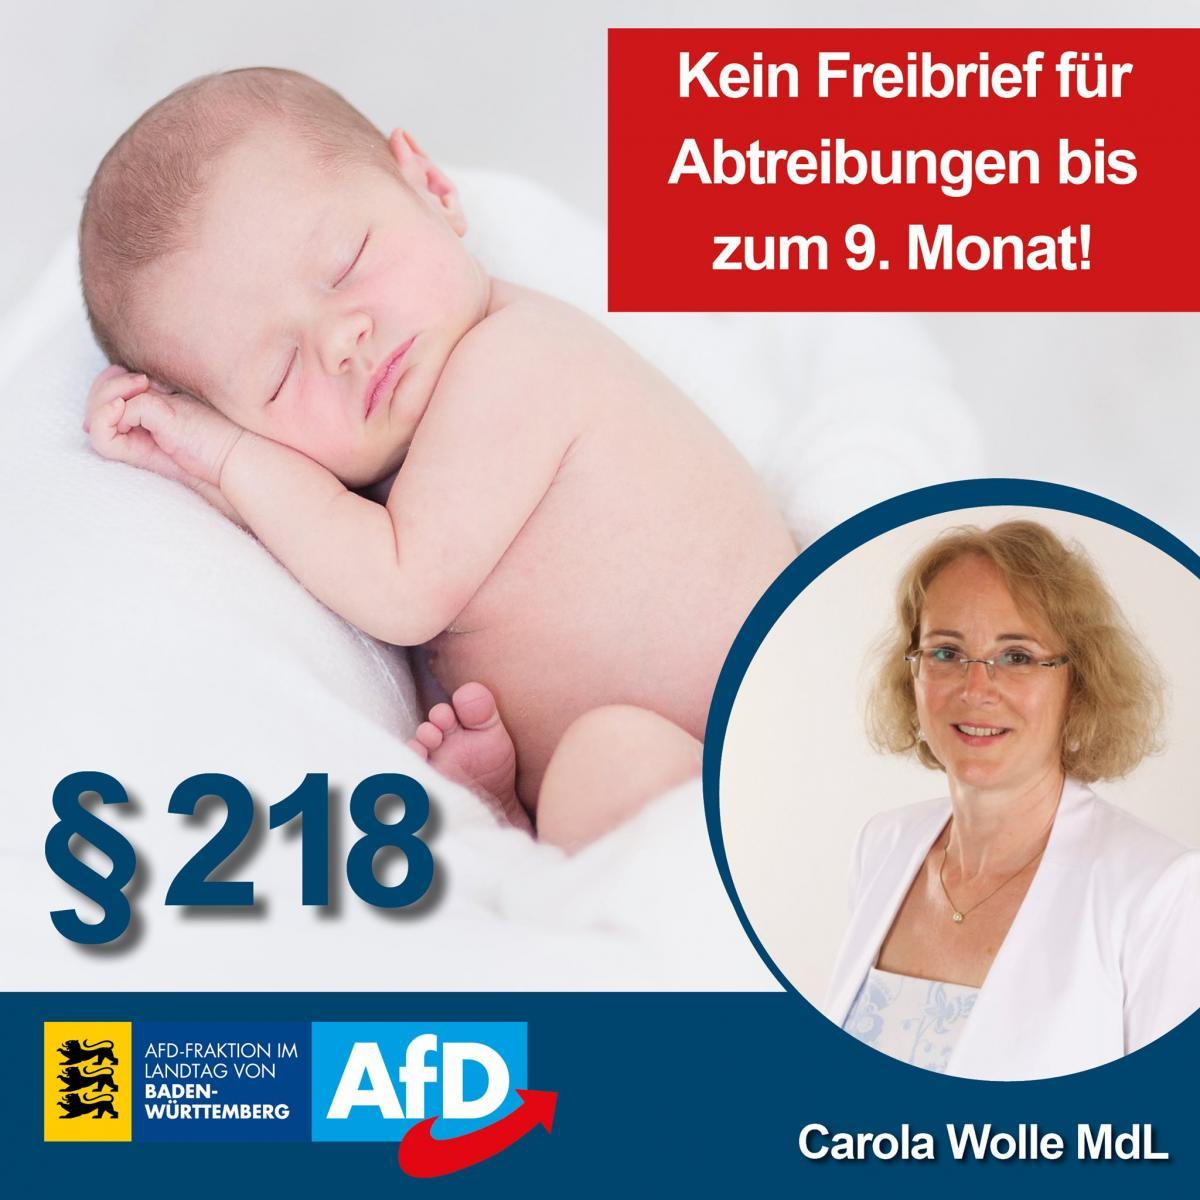 Grüne wollen § 218 abschaffen und Abtreibung bis zum 9. Monat legalisieren!